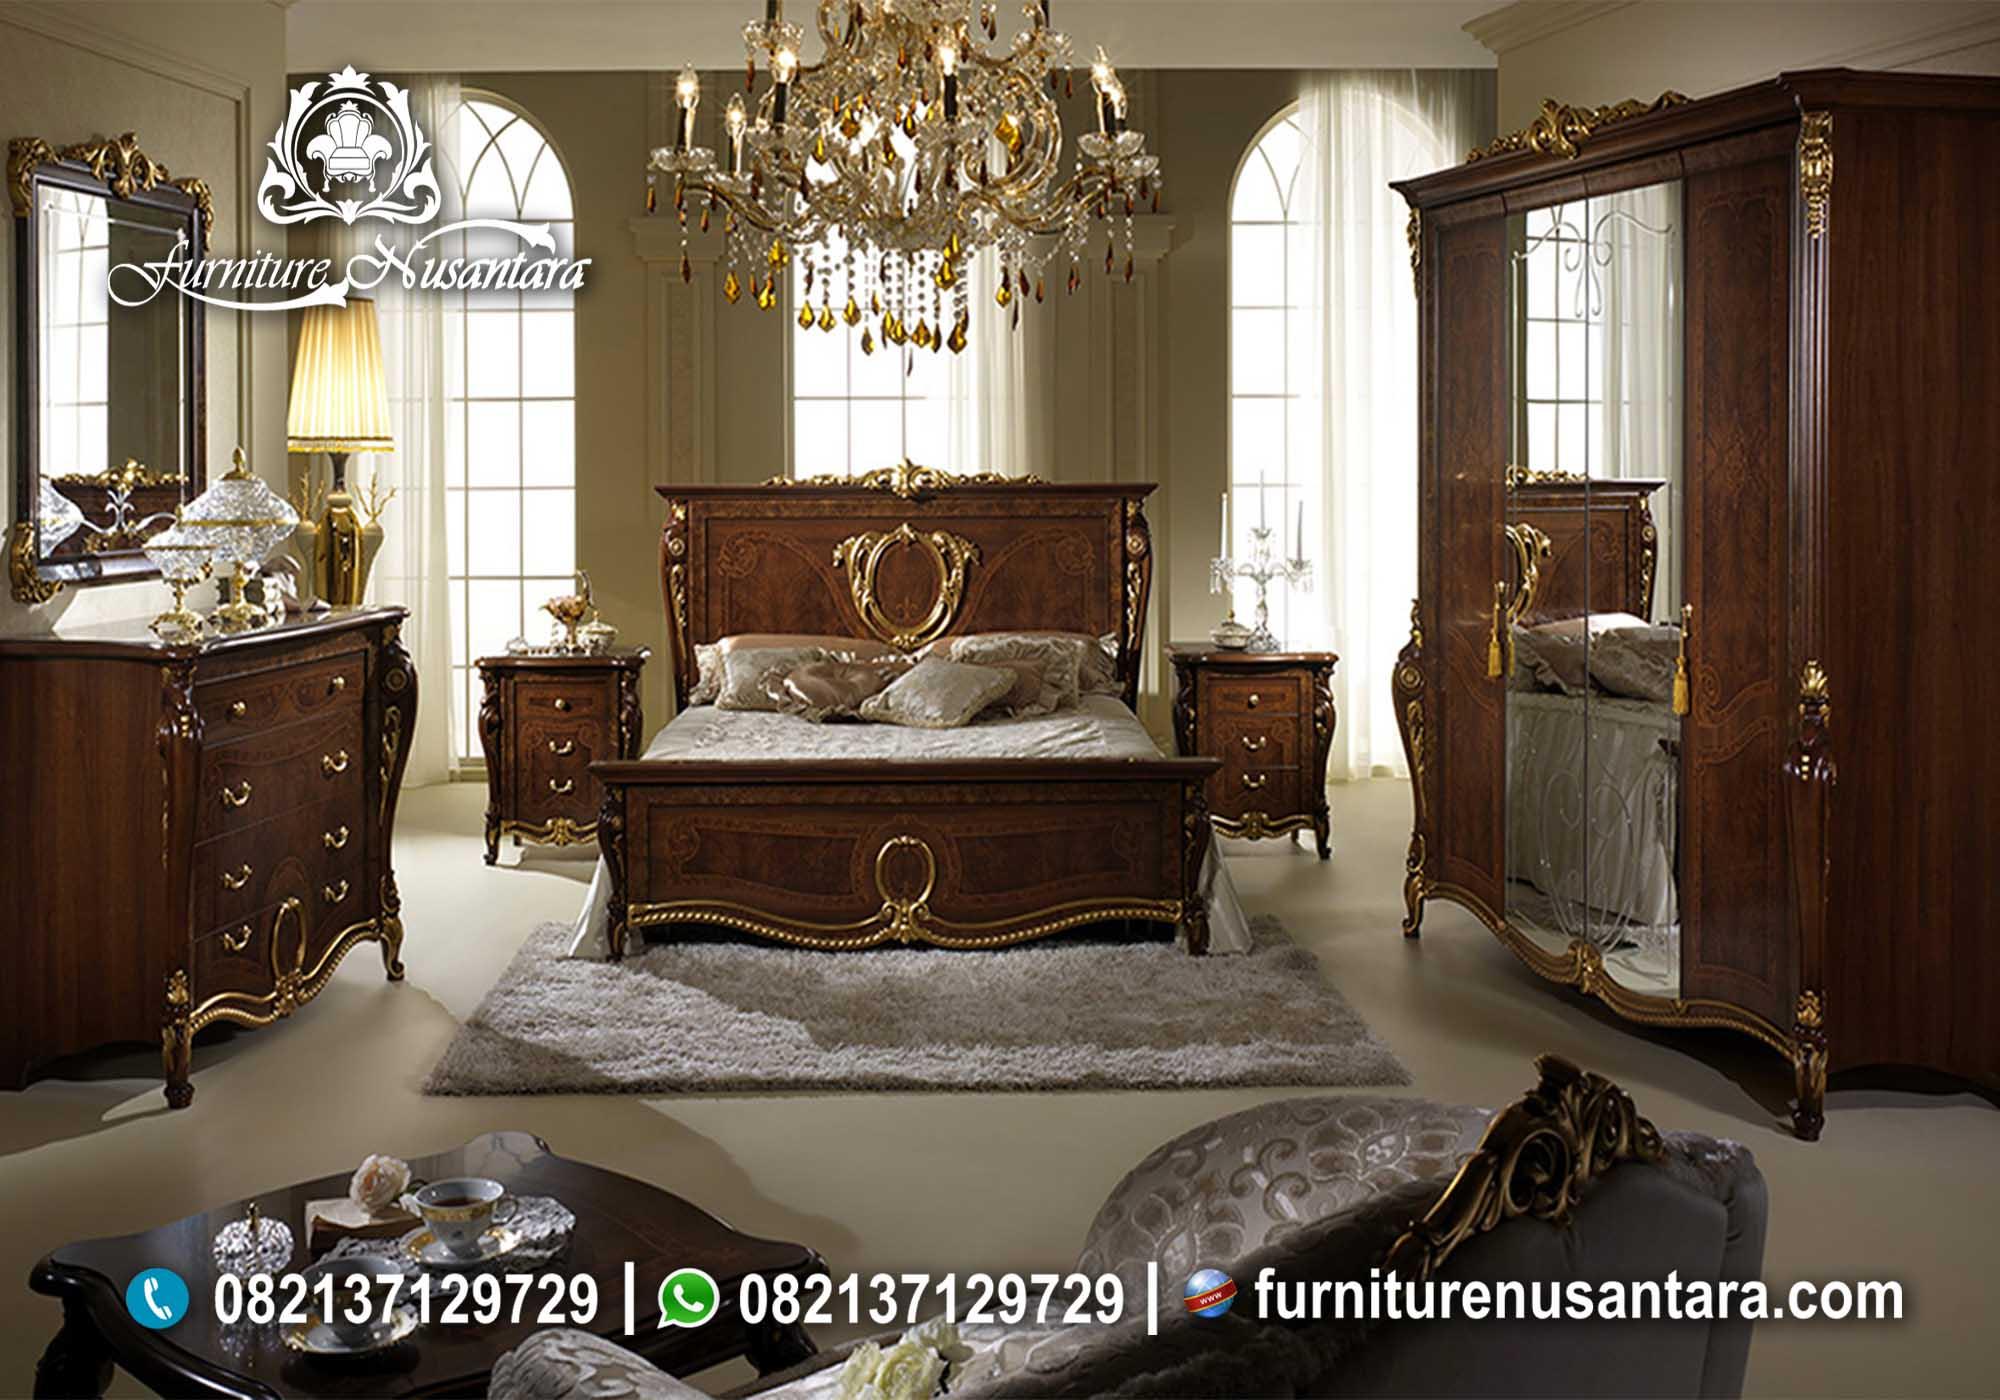 Model Kamar set Terbaru KS-71, Furniture Nusantara